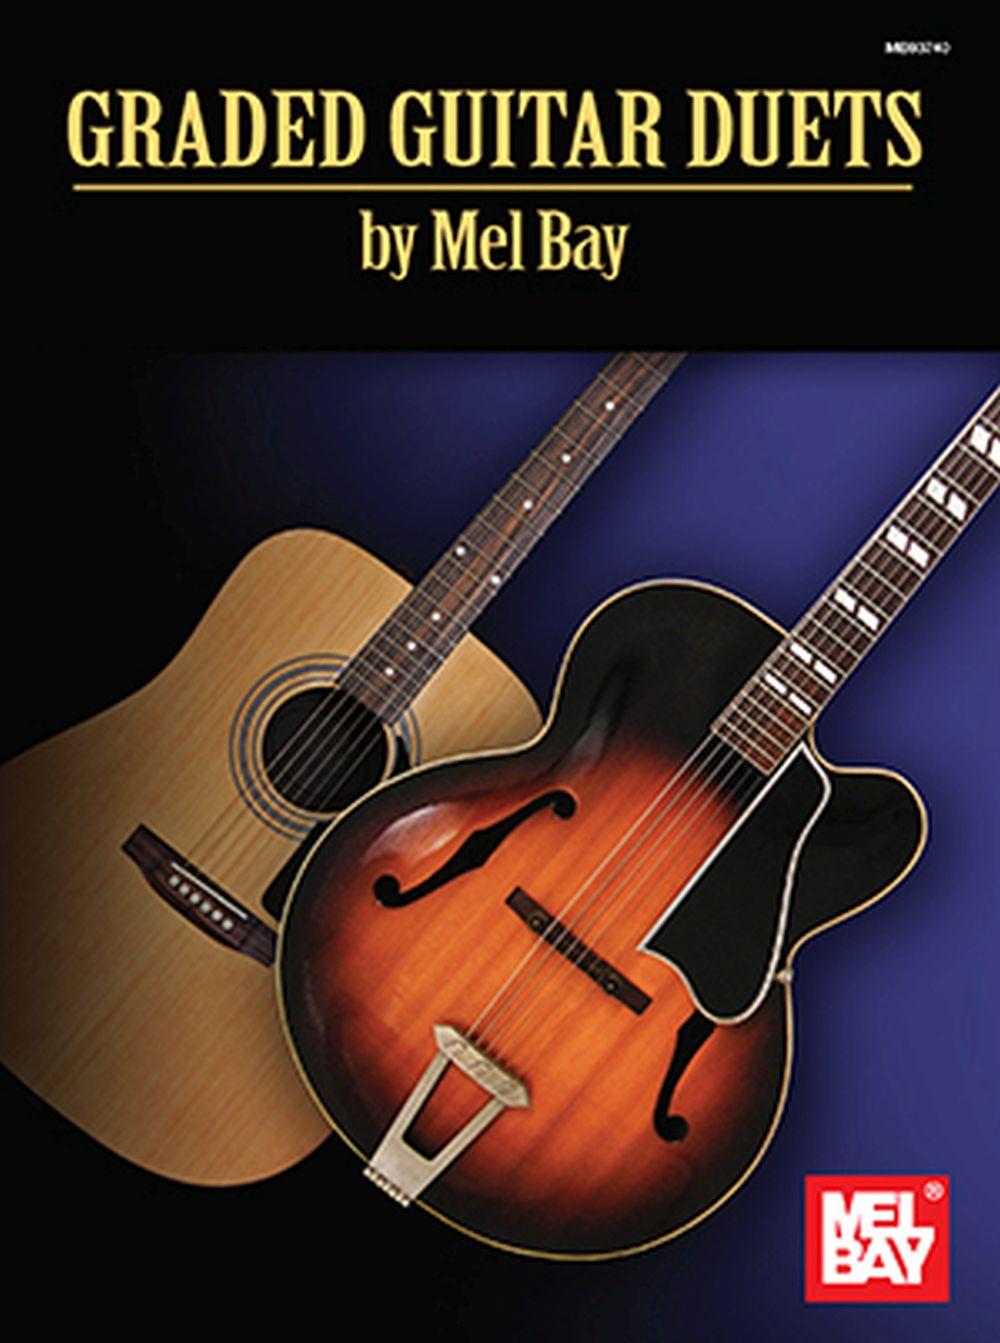 Mel Bay: Graded Guitar Duets: Guitar